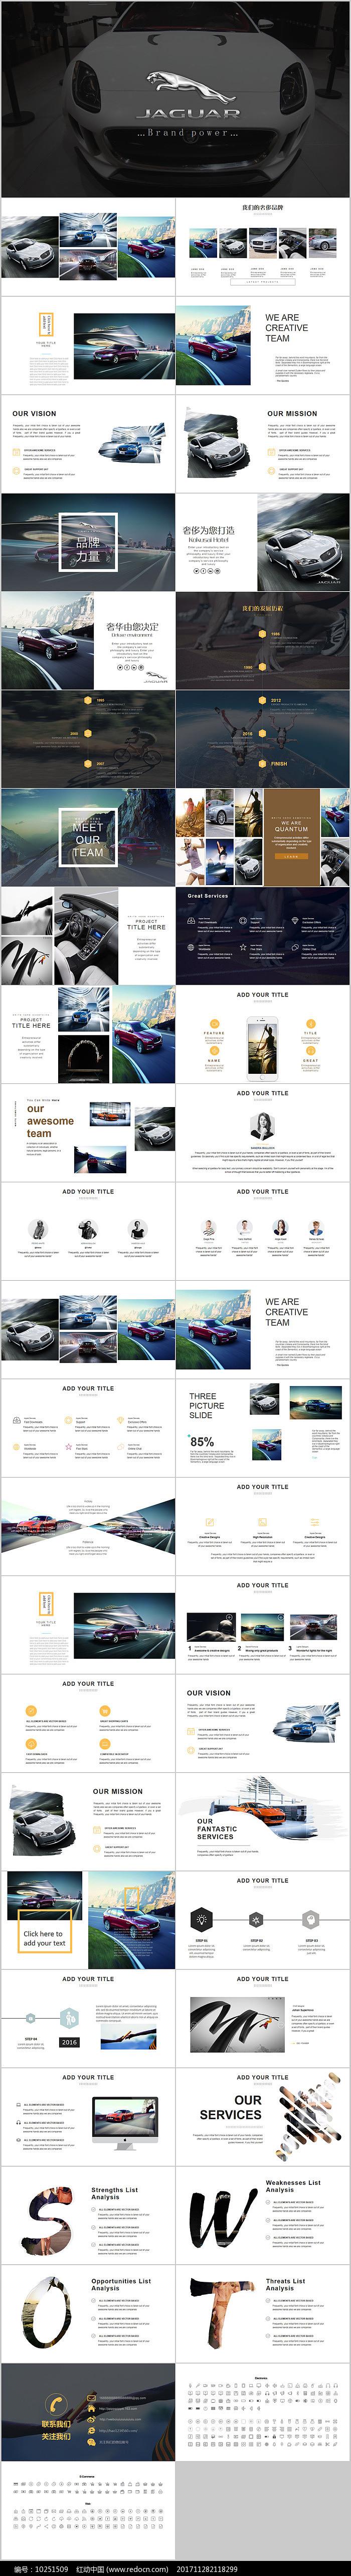 捷豹汽车营销商业计划PPT图片